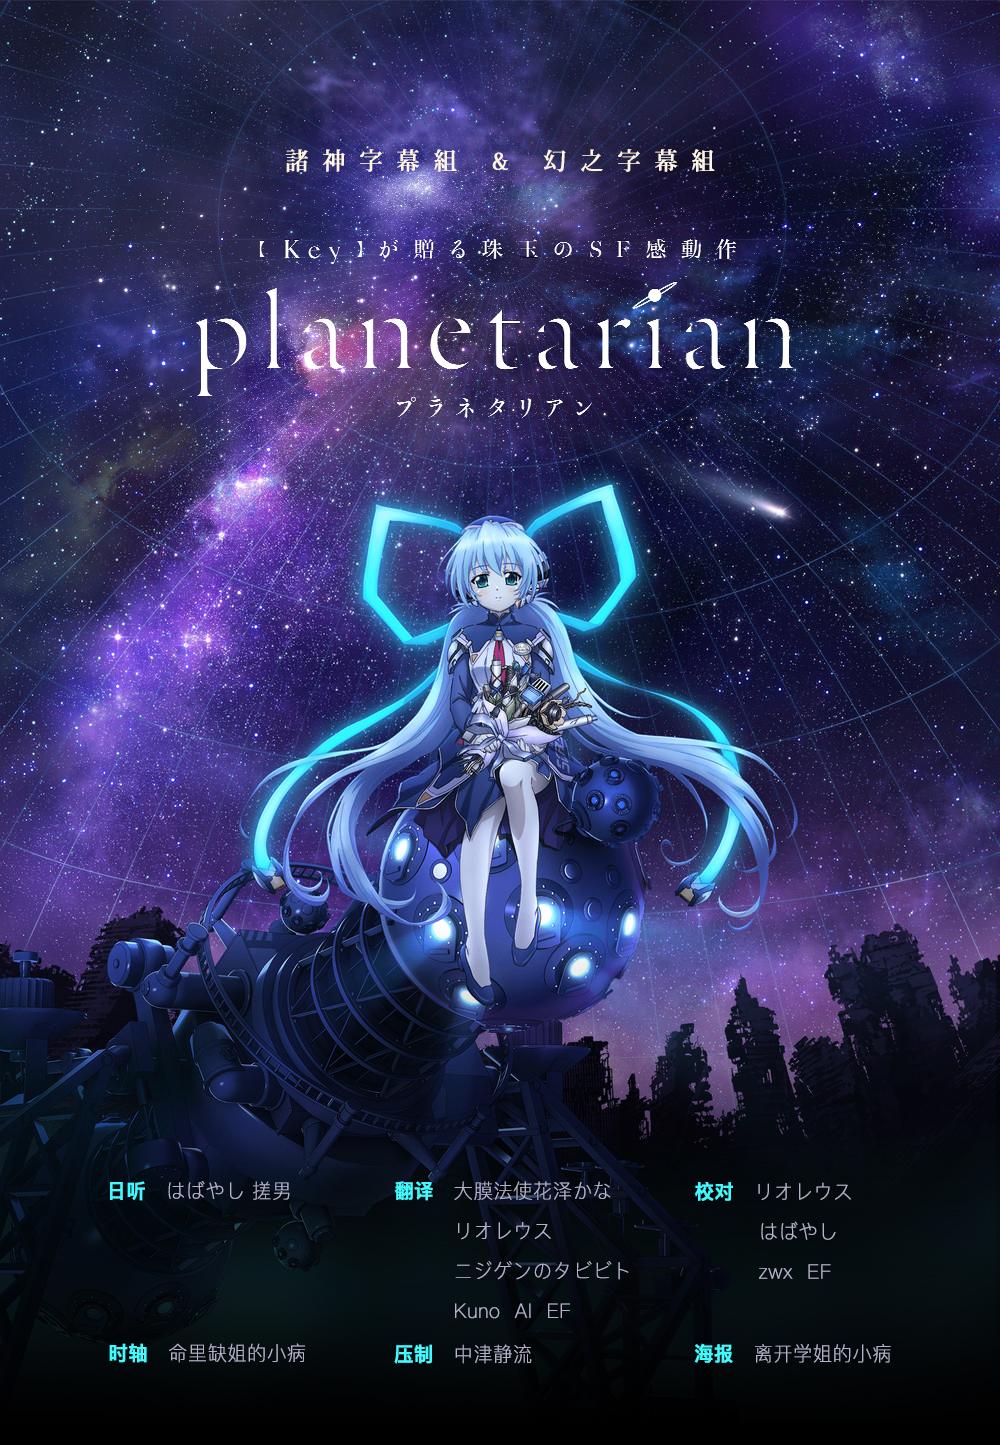 Planetarian Hoshi no Hito